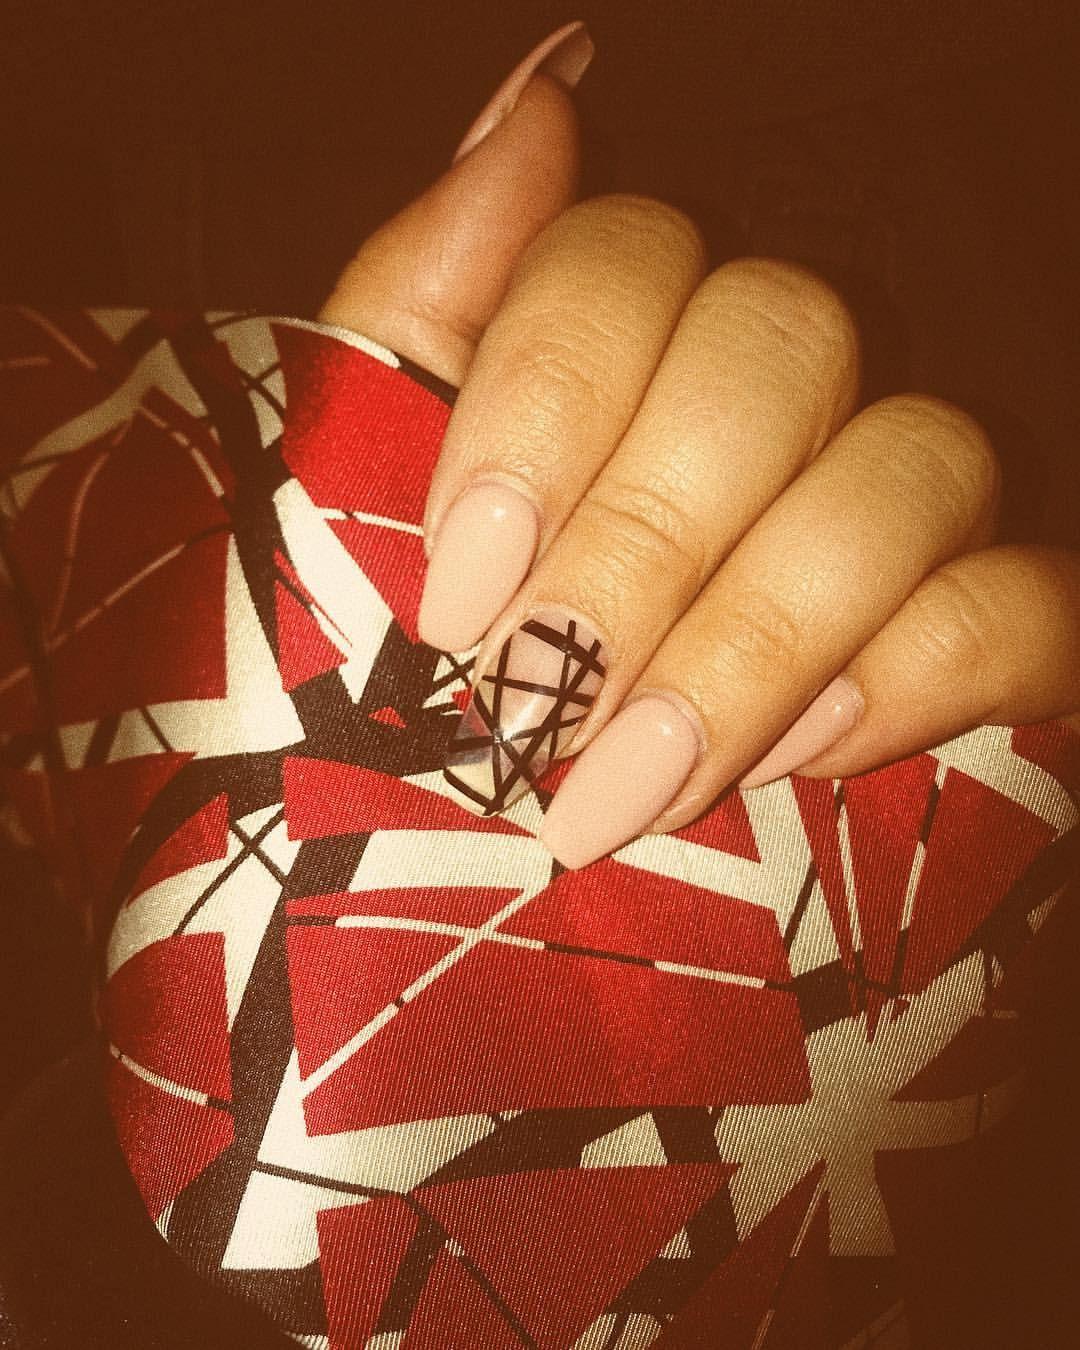 Eddie Van Halen Inspired Nails By Lotus Beauty In Cincy Oh Van Halen Eddie Van Halen Rock N Roll